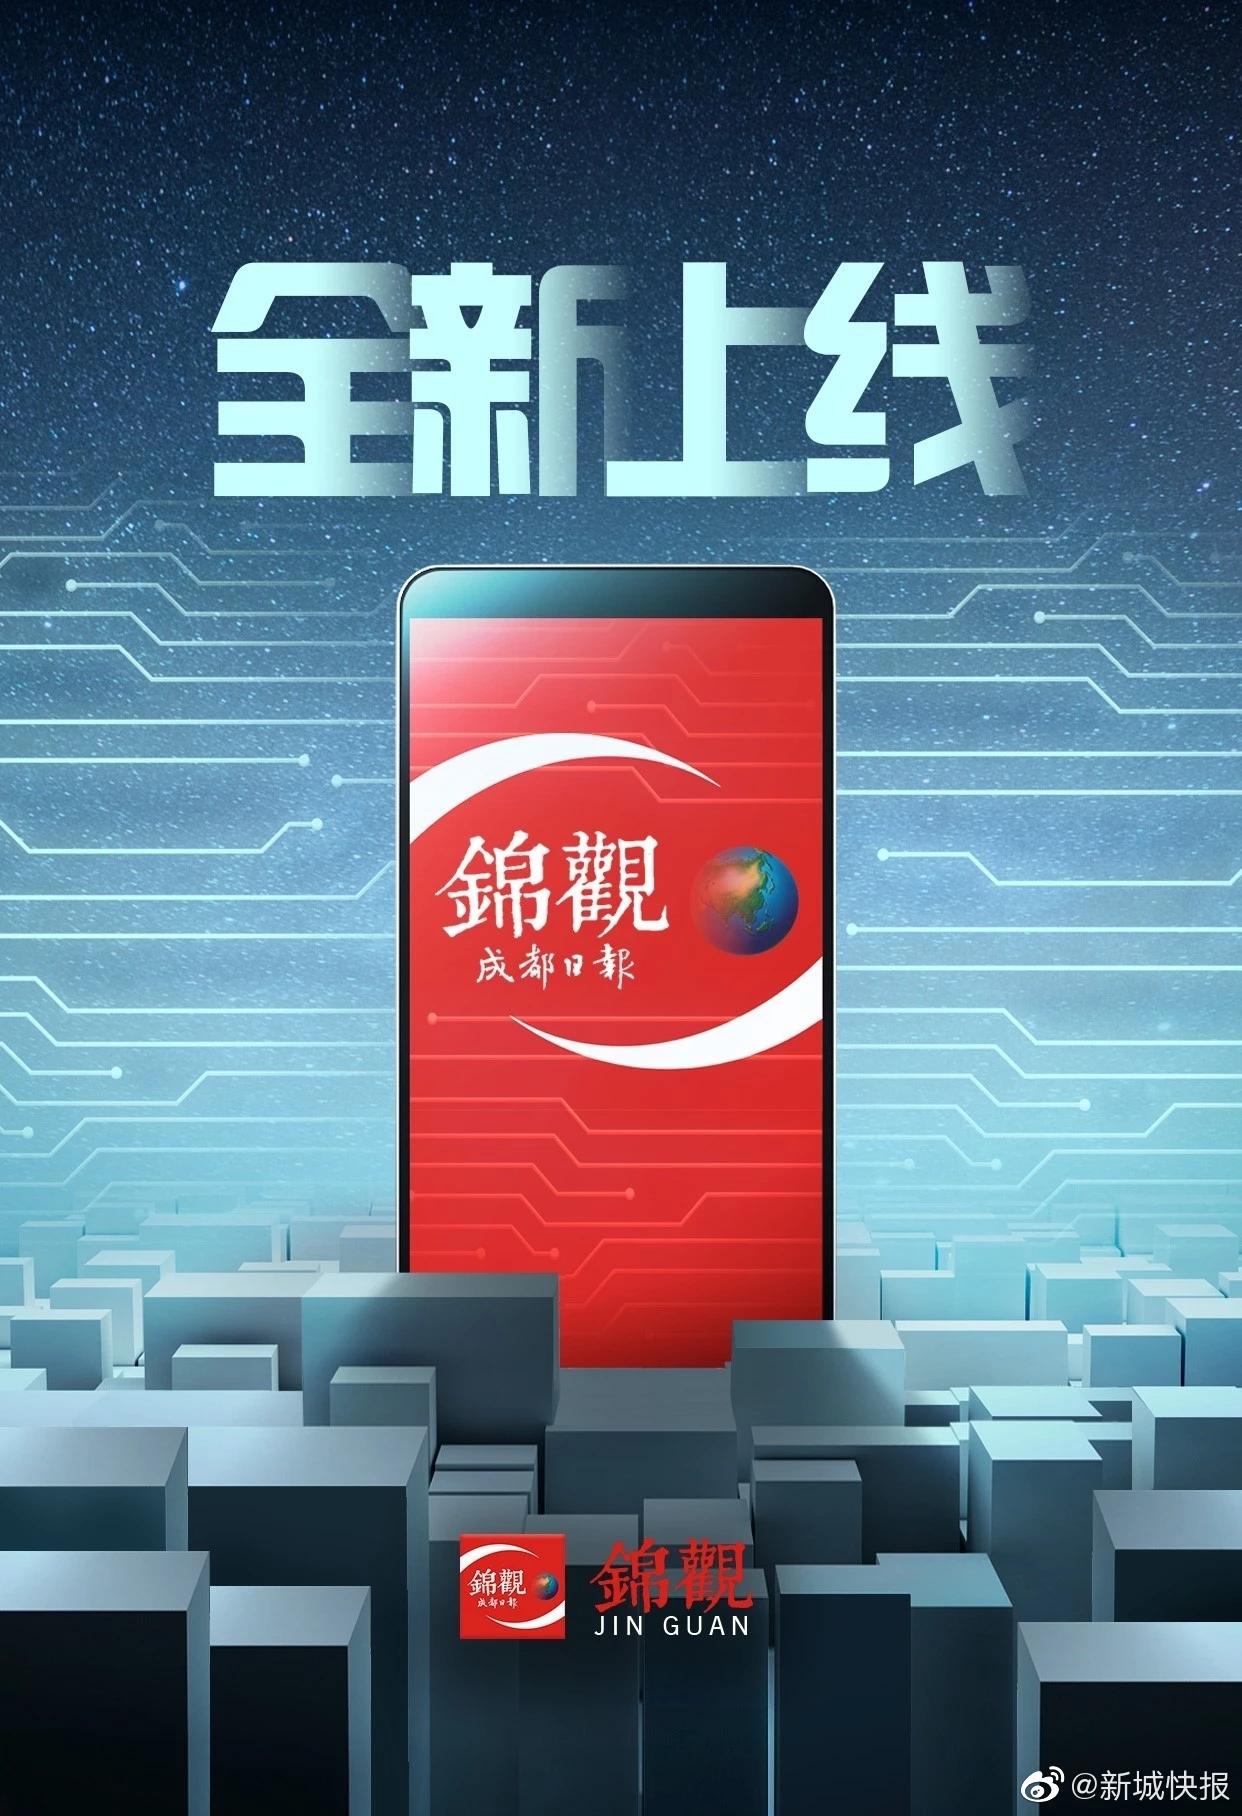 上海申花对重庆足球秘饭直播